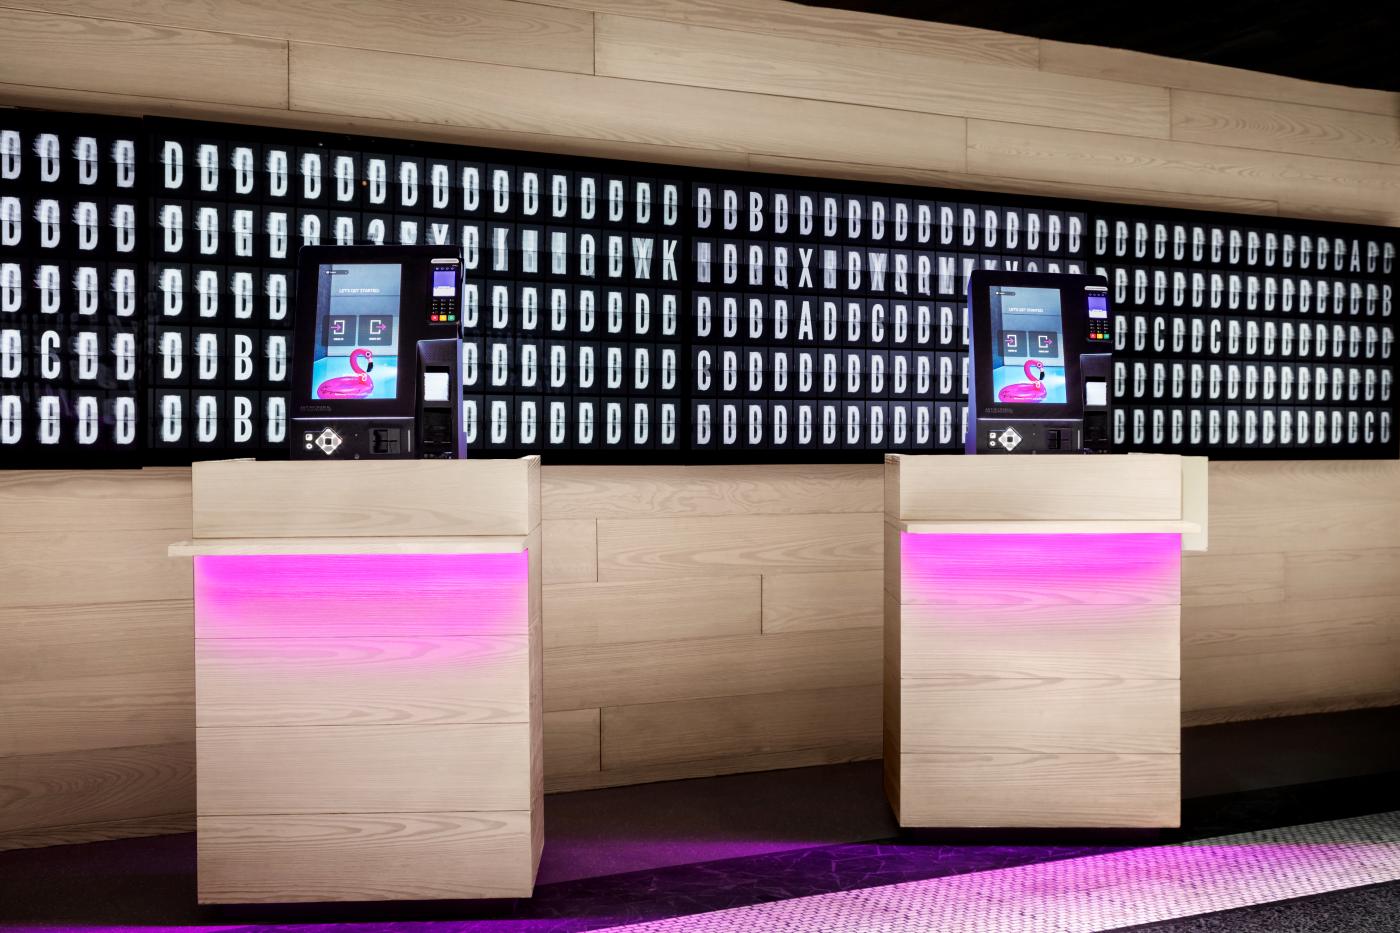 marriott contacless check in kiosk Революционни безконтактни технологии стартират в хотелите на Marriott International